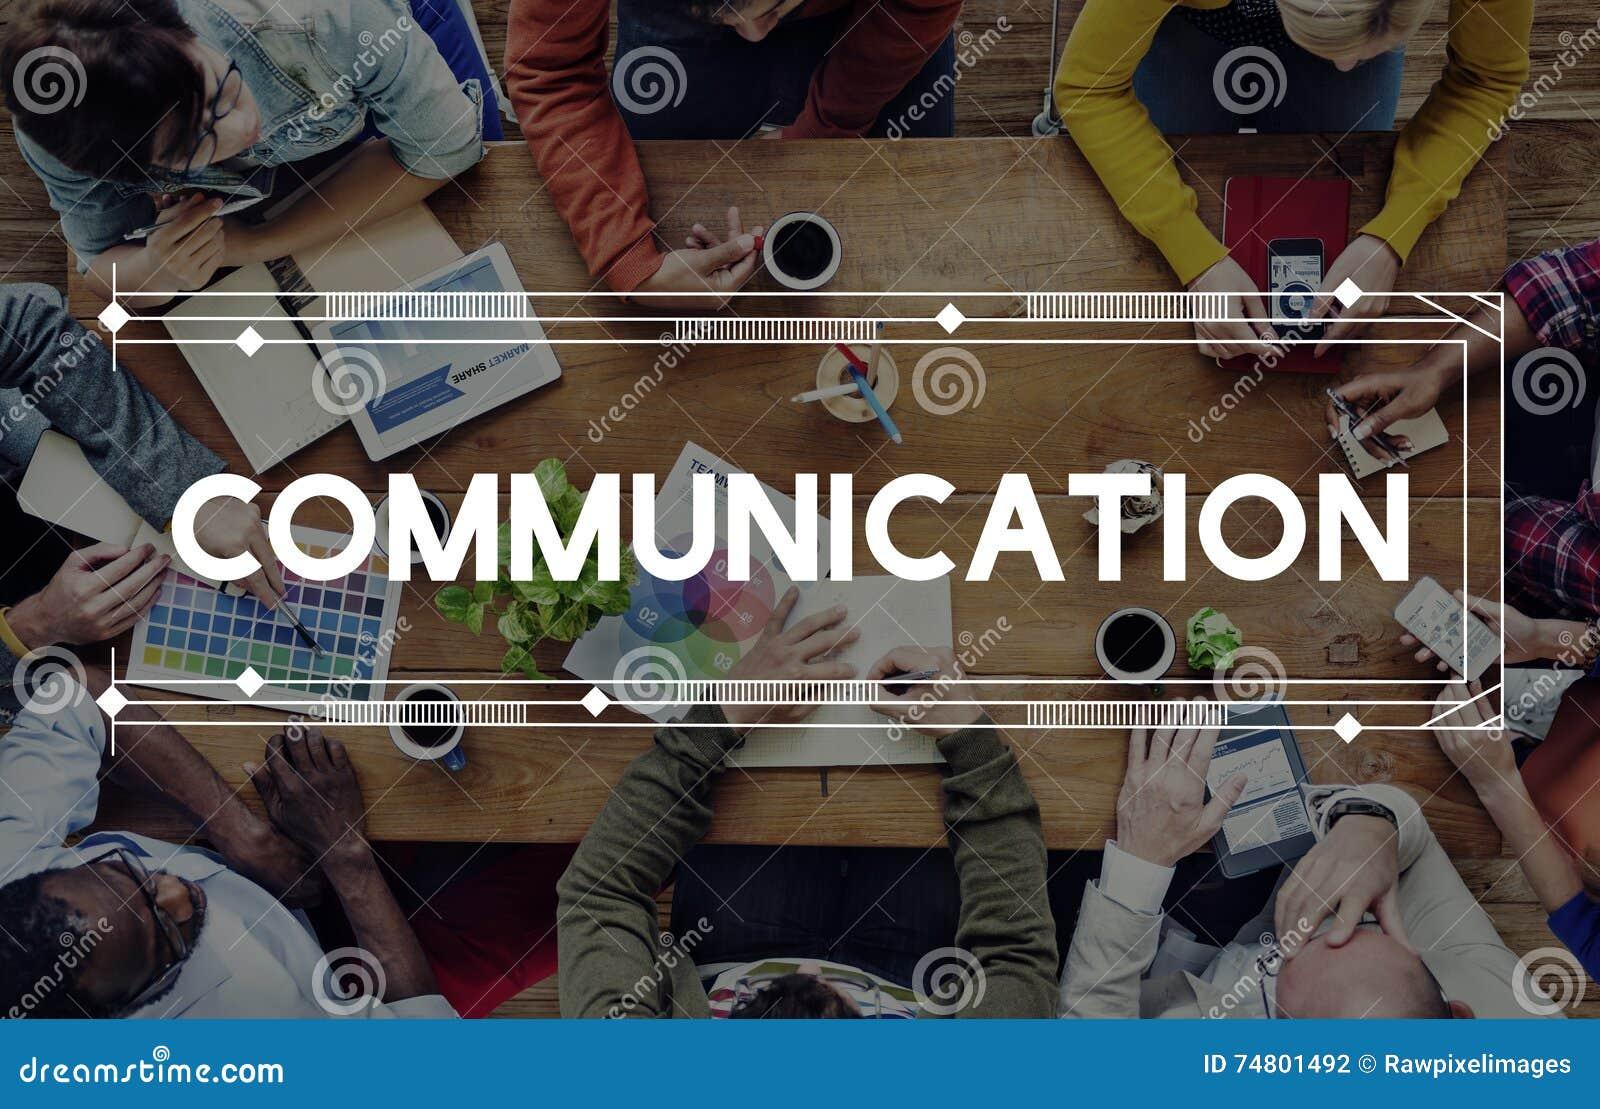 Communication Communicate Discussion Conversation Concept